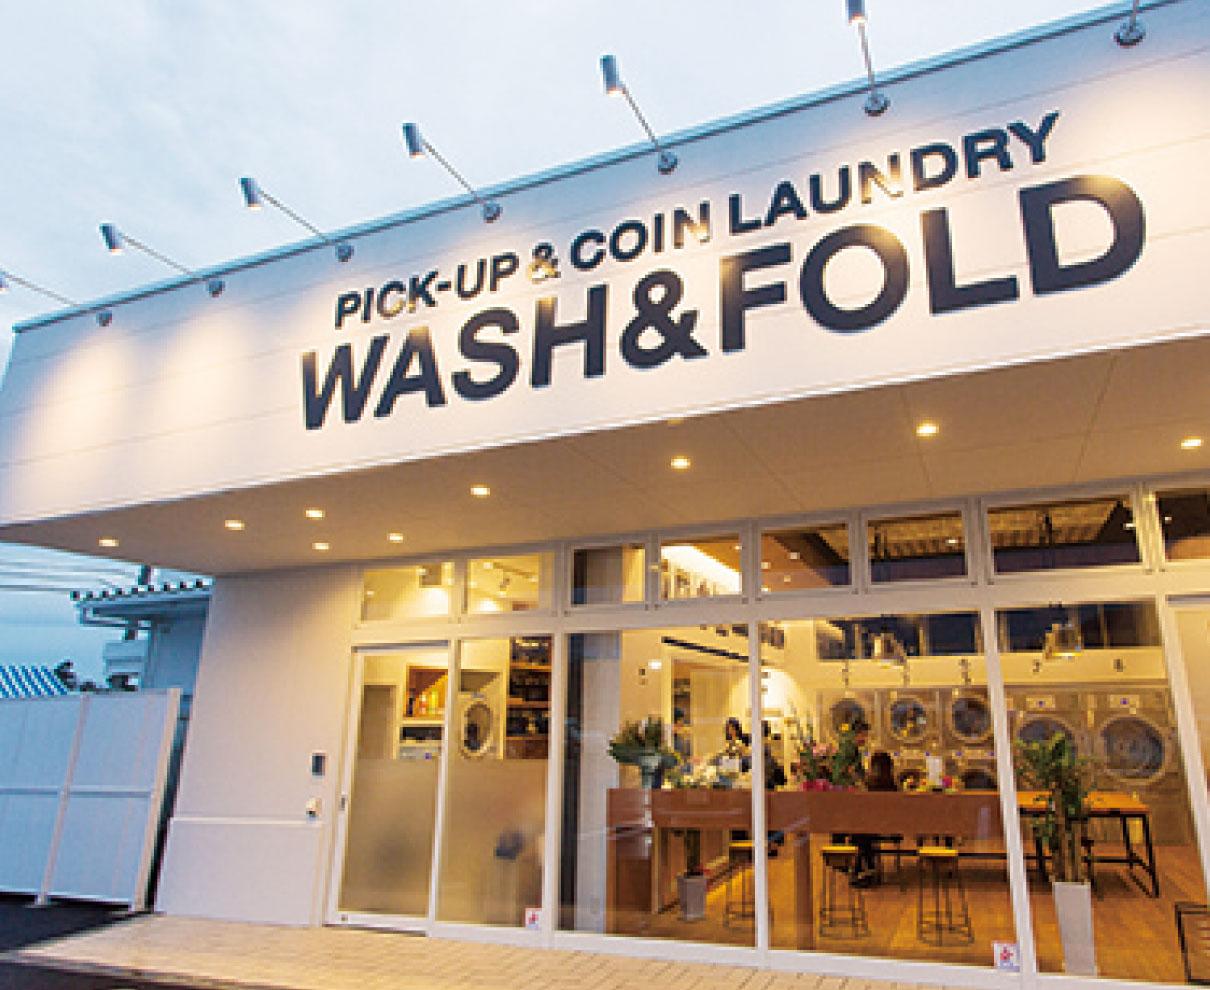 洗濯代行サービスで、面倒な家事から解放されてみませんか?|WASH&FOLD(ウォッシュアンドフォルド)福井医大前店